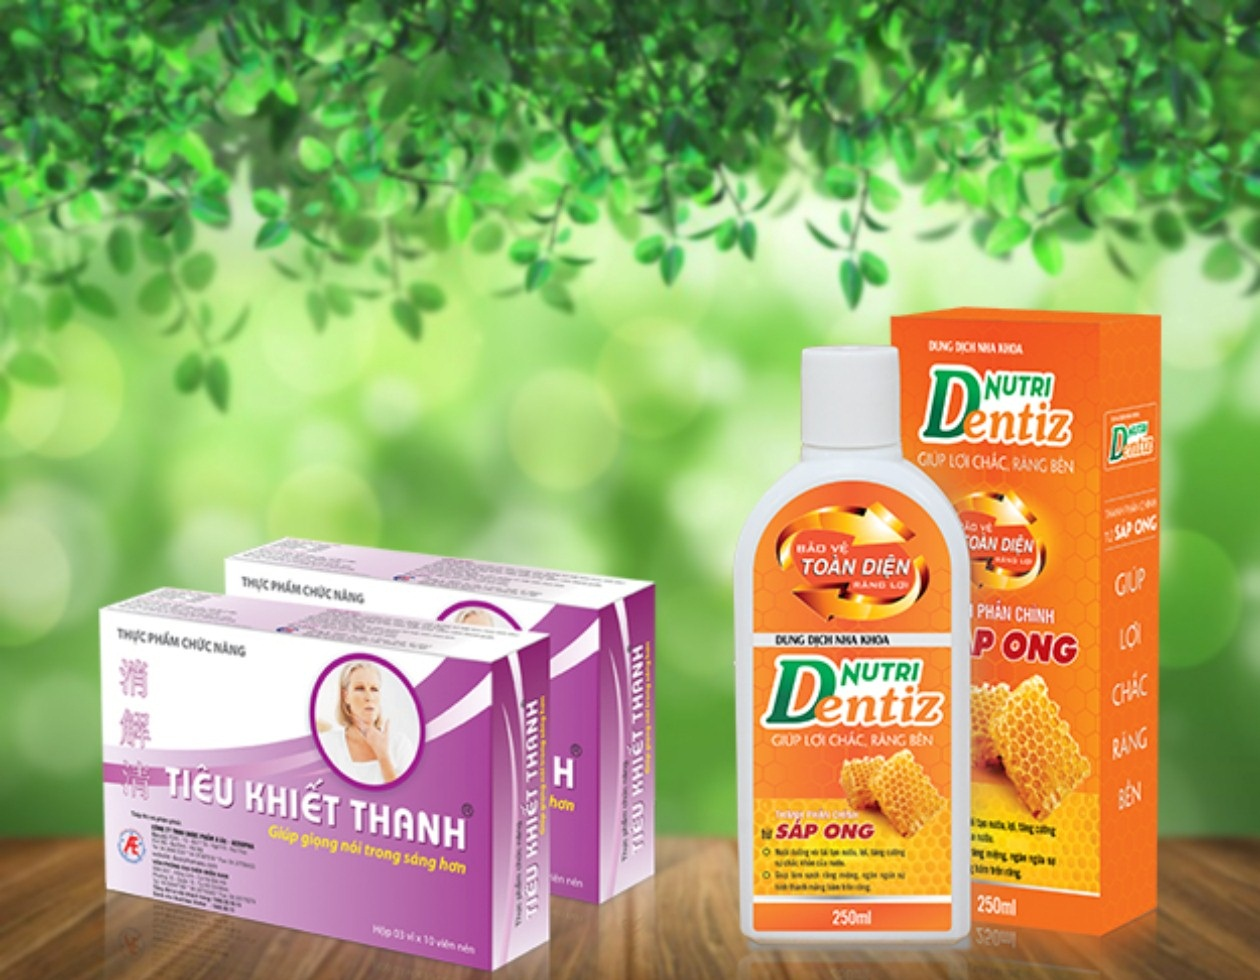 Bộ đôi sản phẩm hỗ trợ điều trị viêm họng hiệu quả